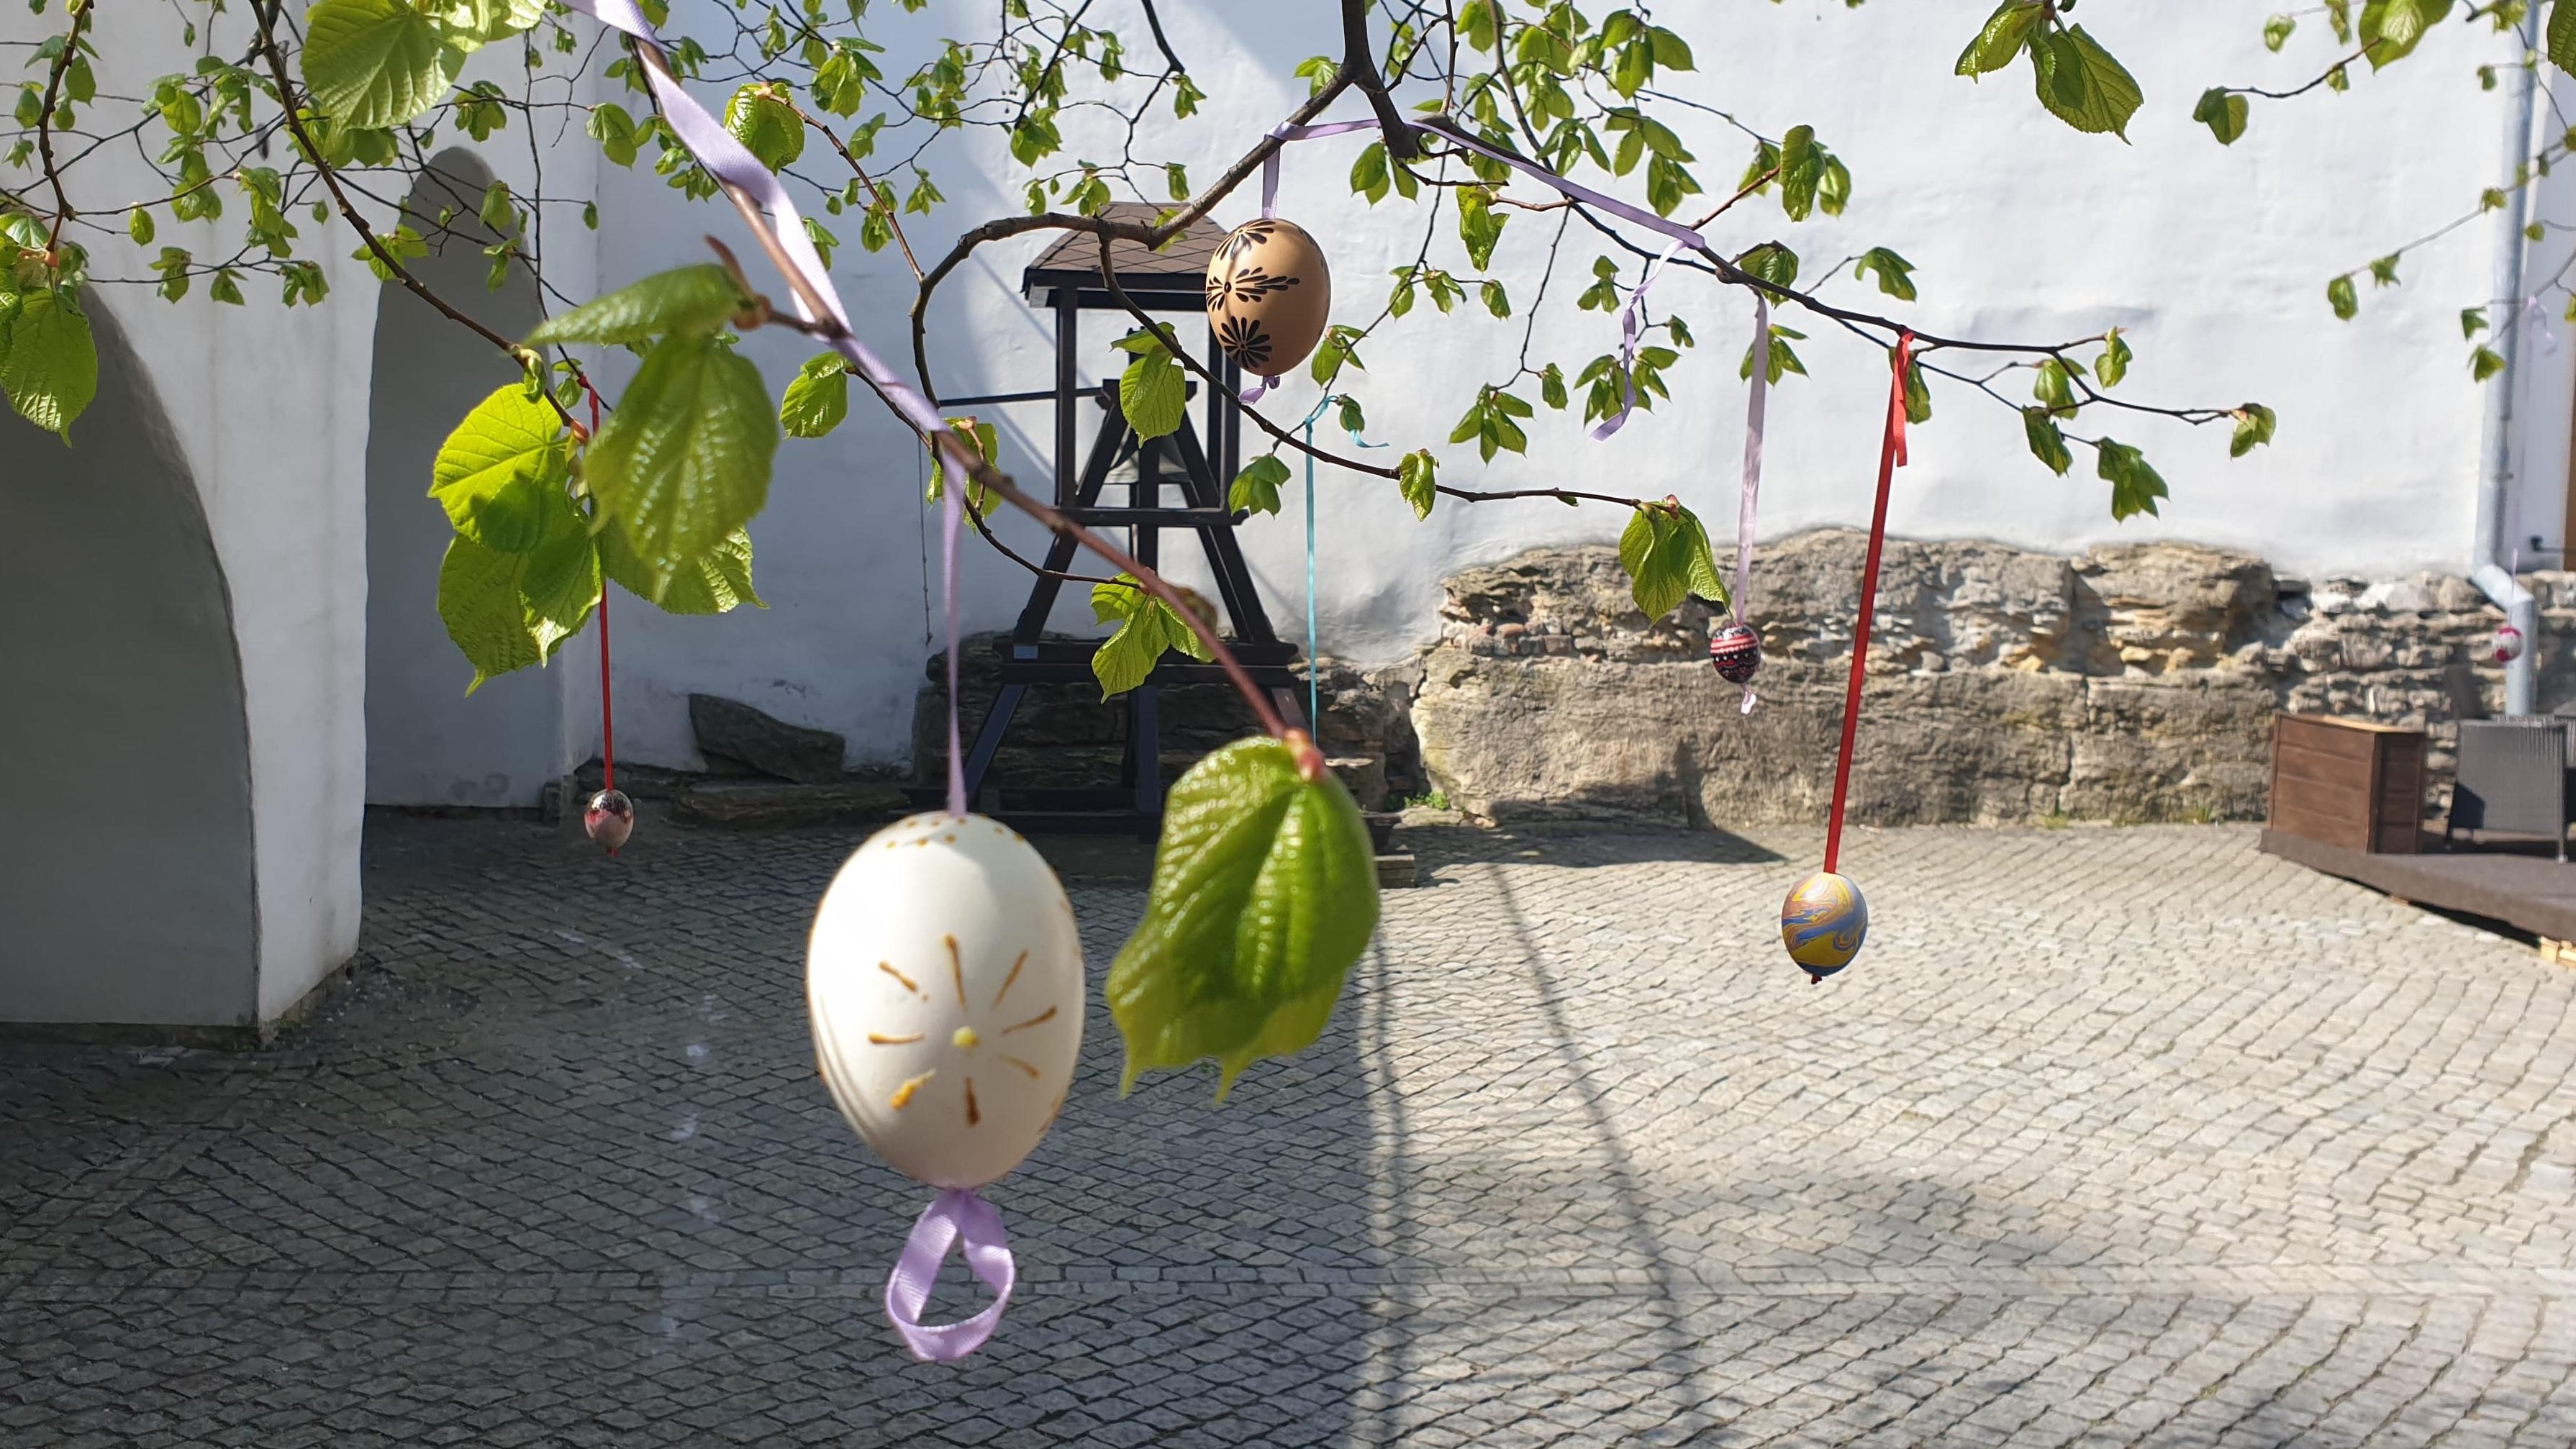 Velikonoční vajíčka zdobí strom na Horním náměstí. Zapojit se můžete i vy